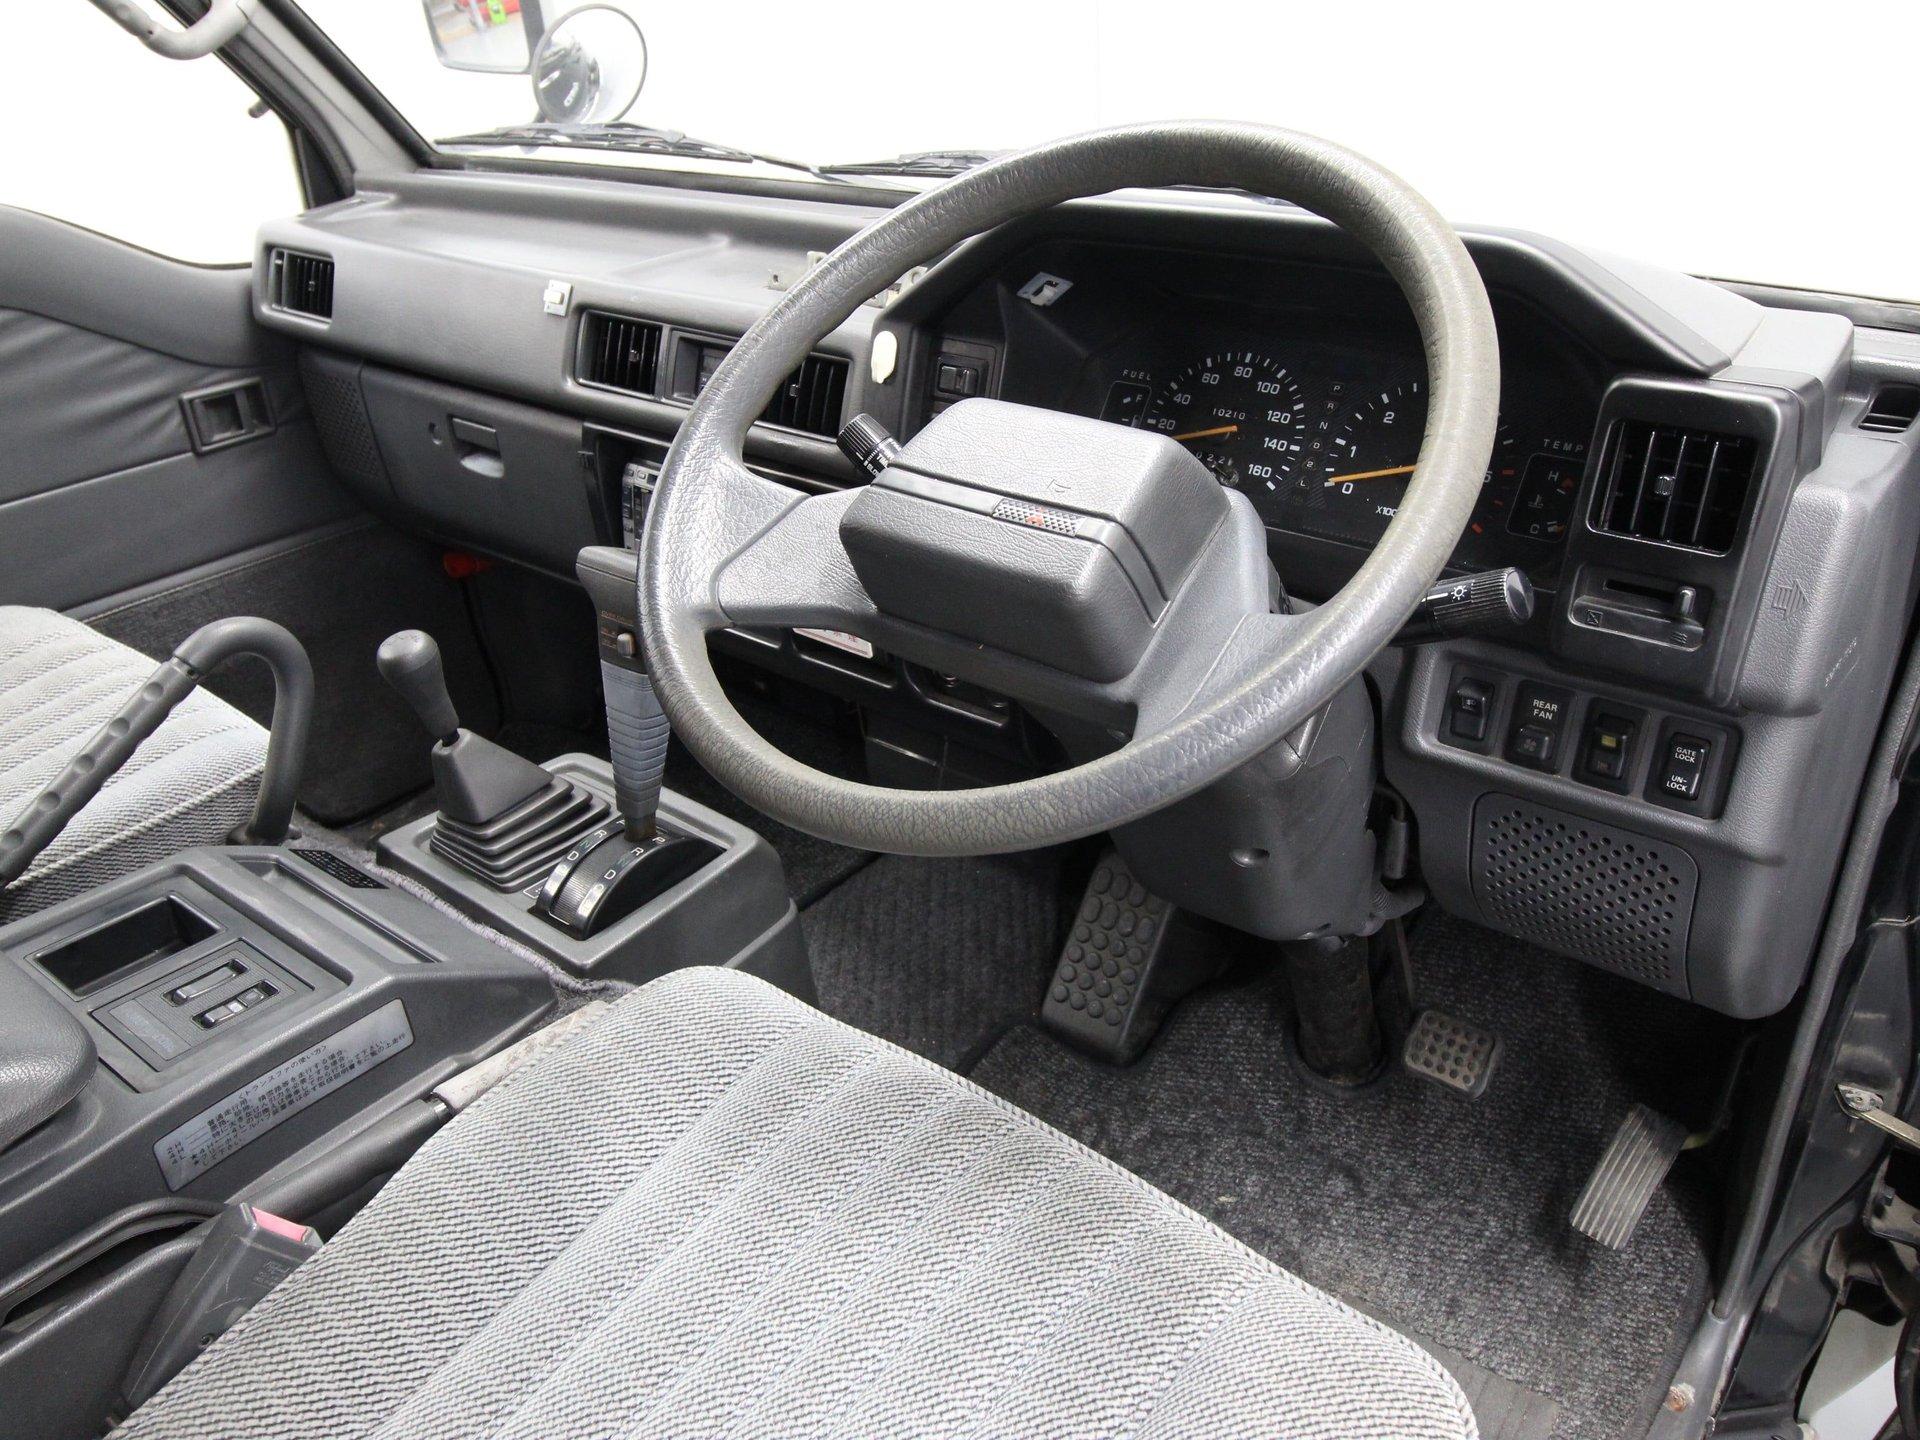 1994 Mitsubishi Delica